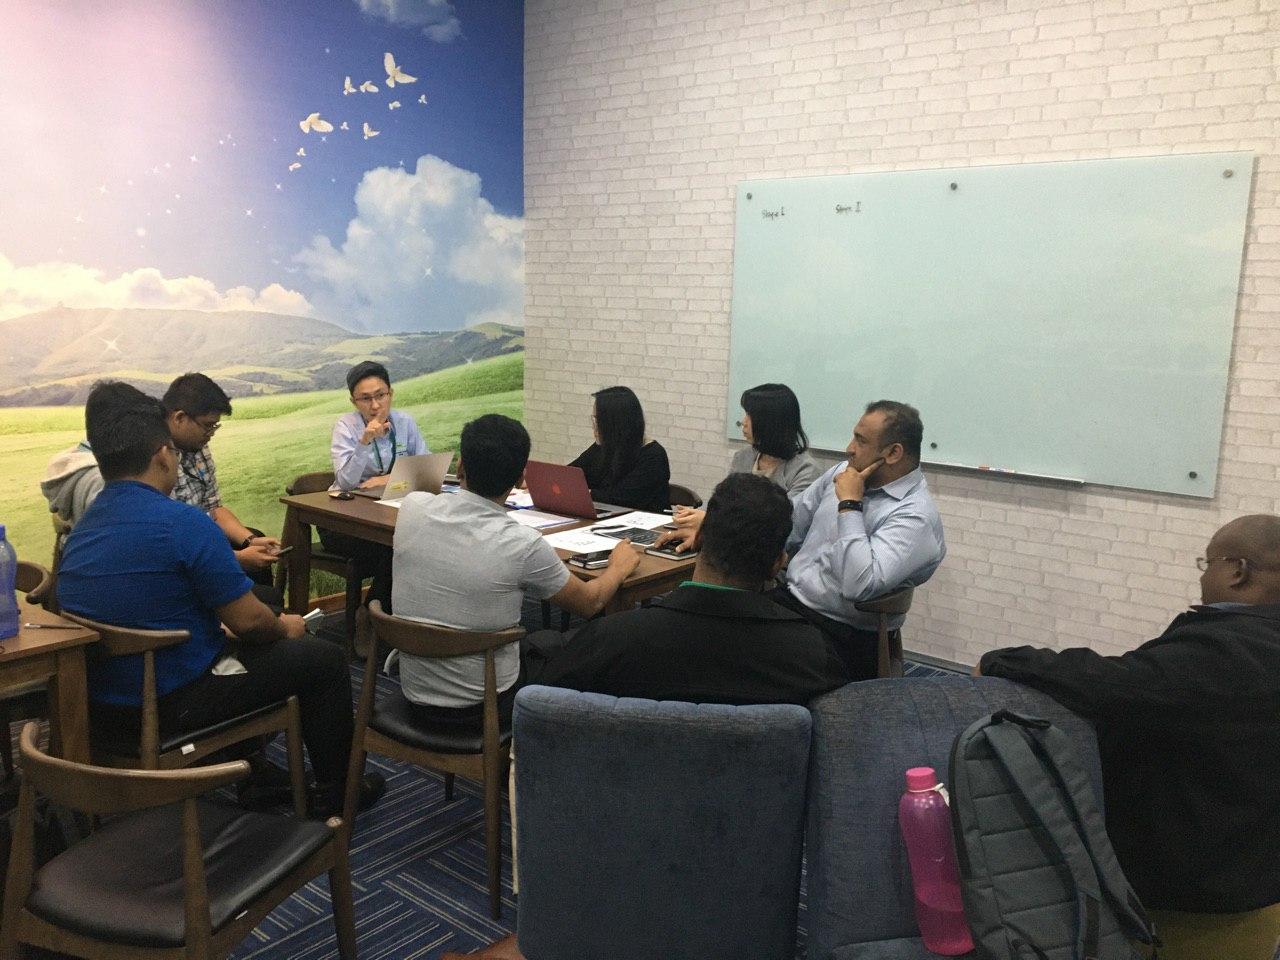 IAViC2019 Organising Committee preparation meeting hosted at Menara Serba Dinamik